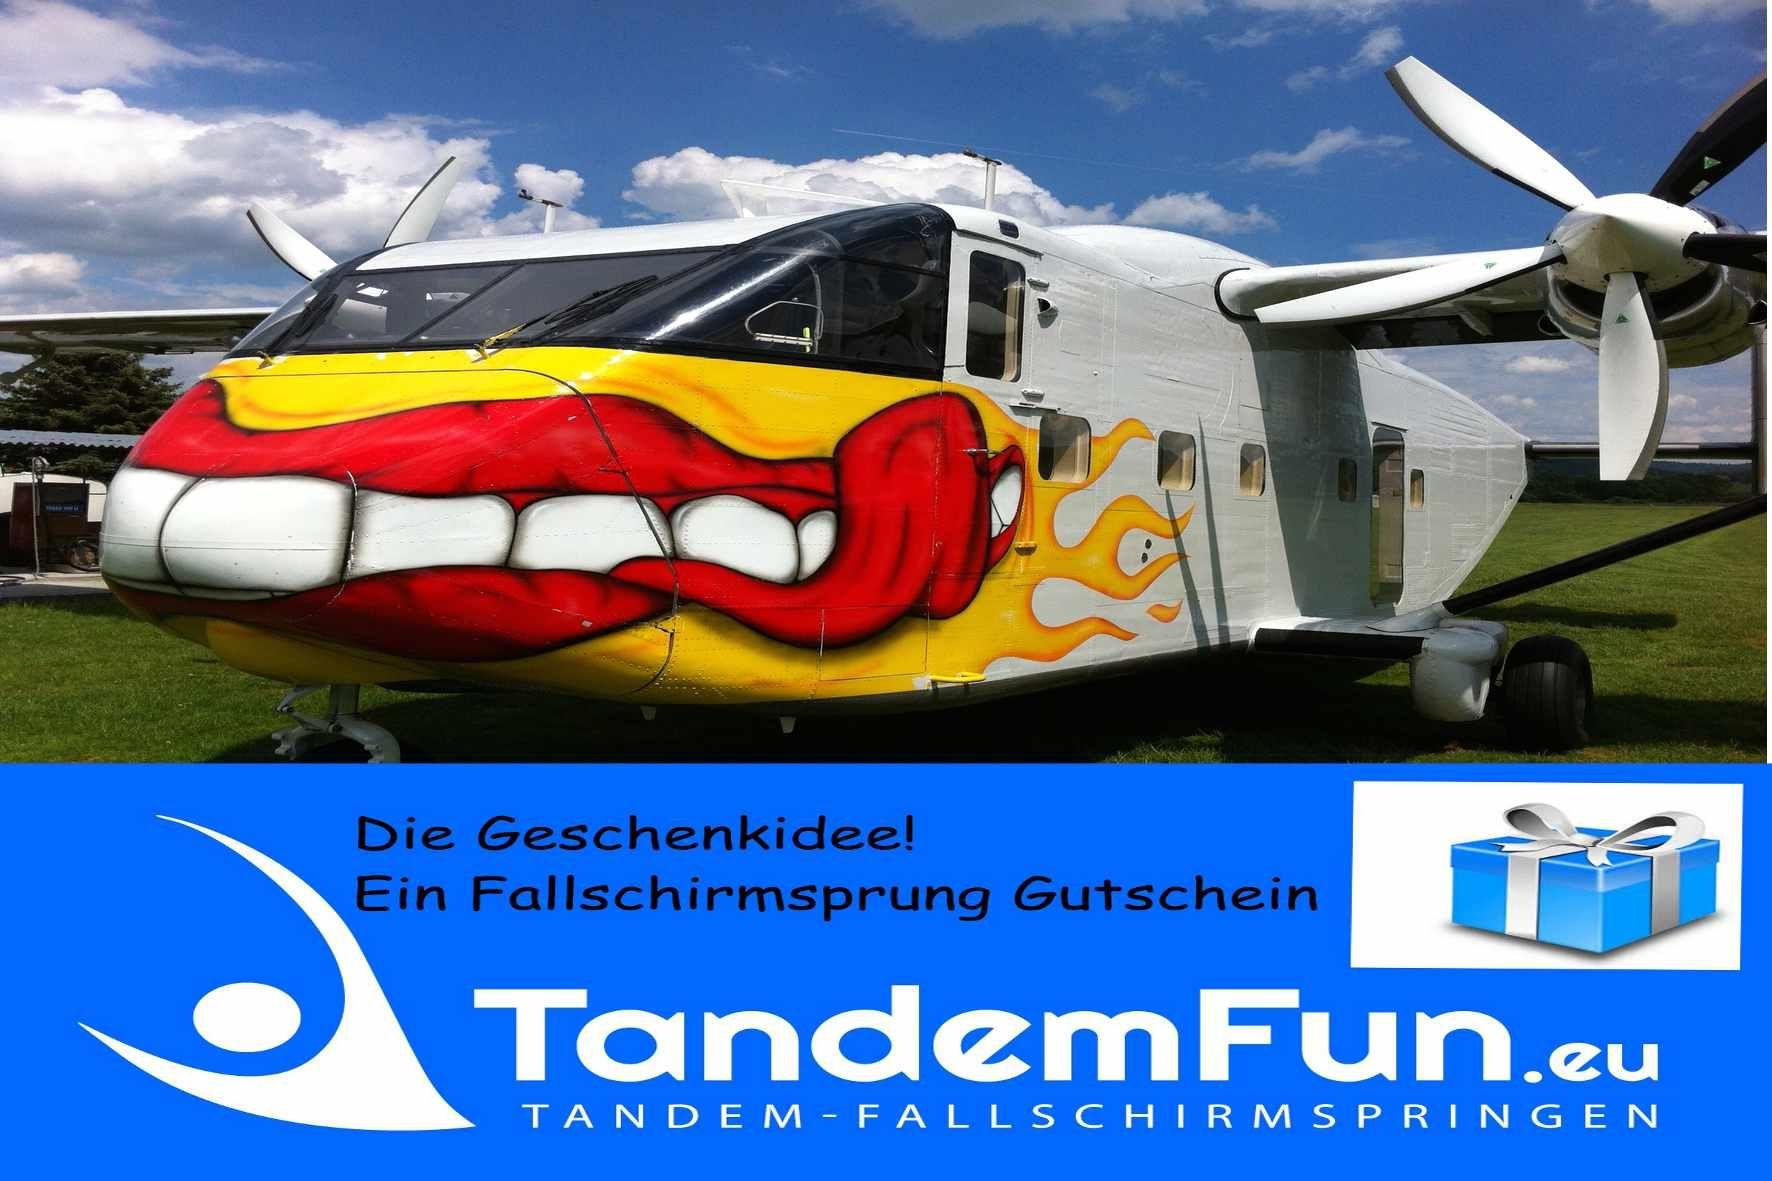 Fallschirmspringen Tandemsprung Gutschein Als Geschenk Von Tandemfun Bayern Ein Fallschirmsprung Nahe Regensburg M Tandemsprung Fallschirm Fallschirmspringen